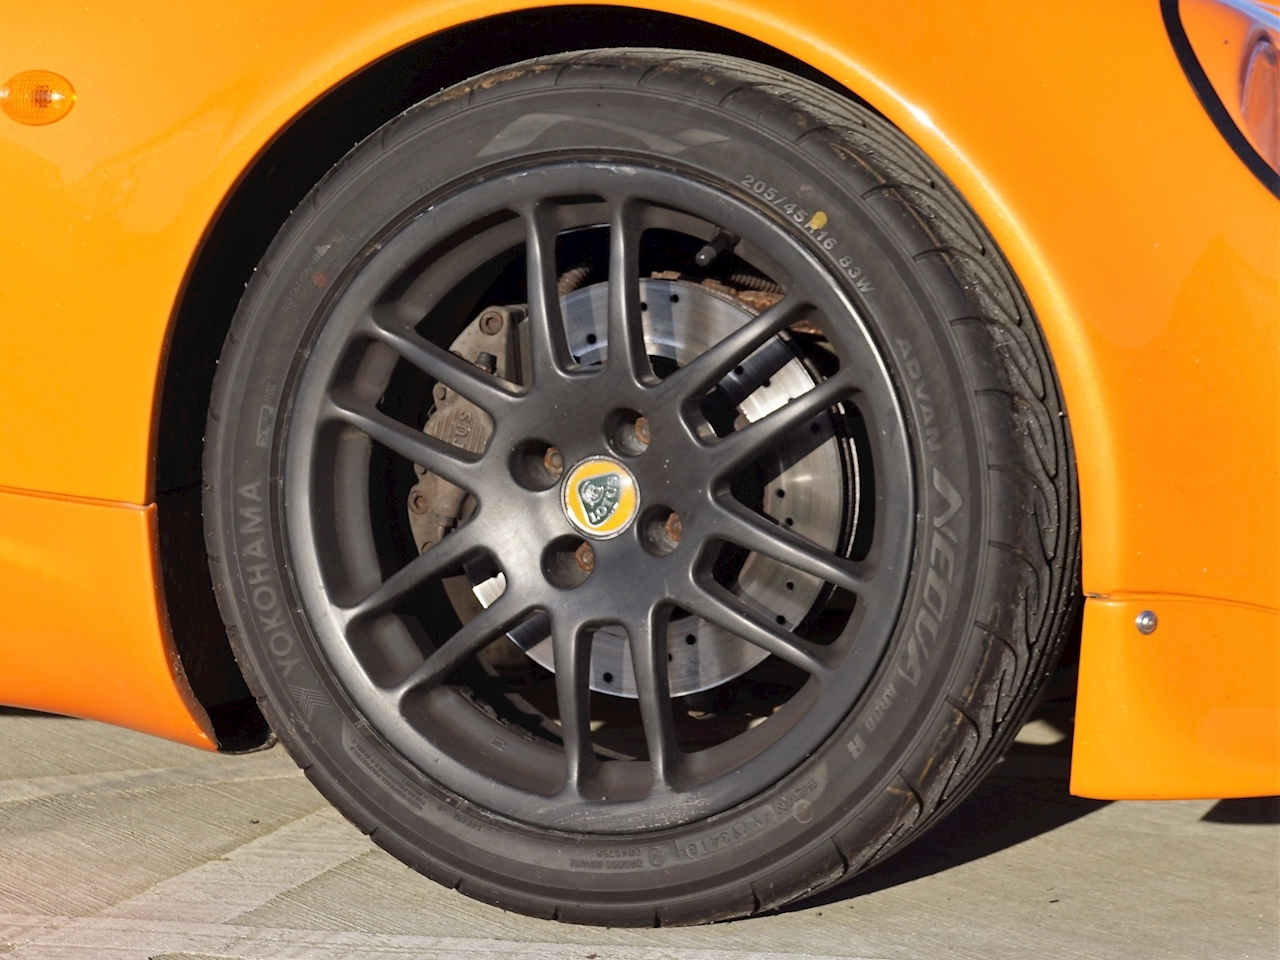 Lotus Exige S1 Wheel